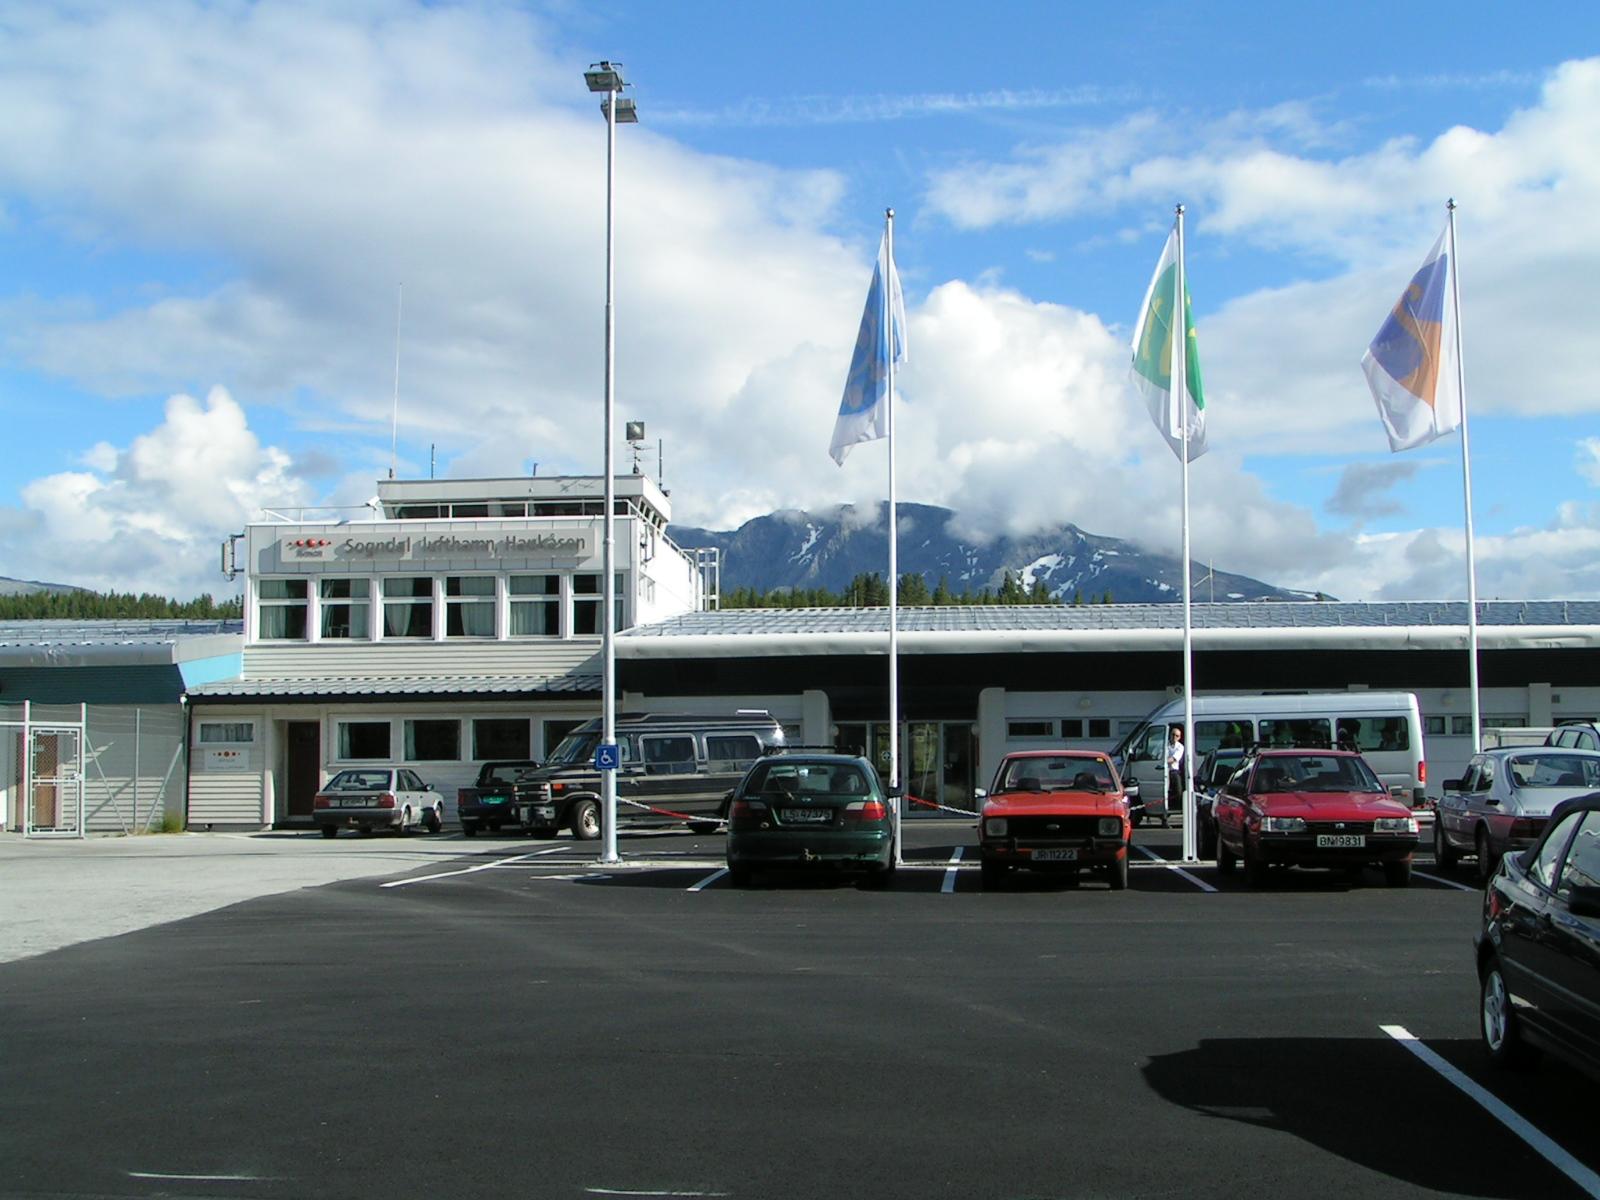 Airport Hotel Stavanger